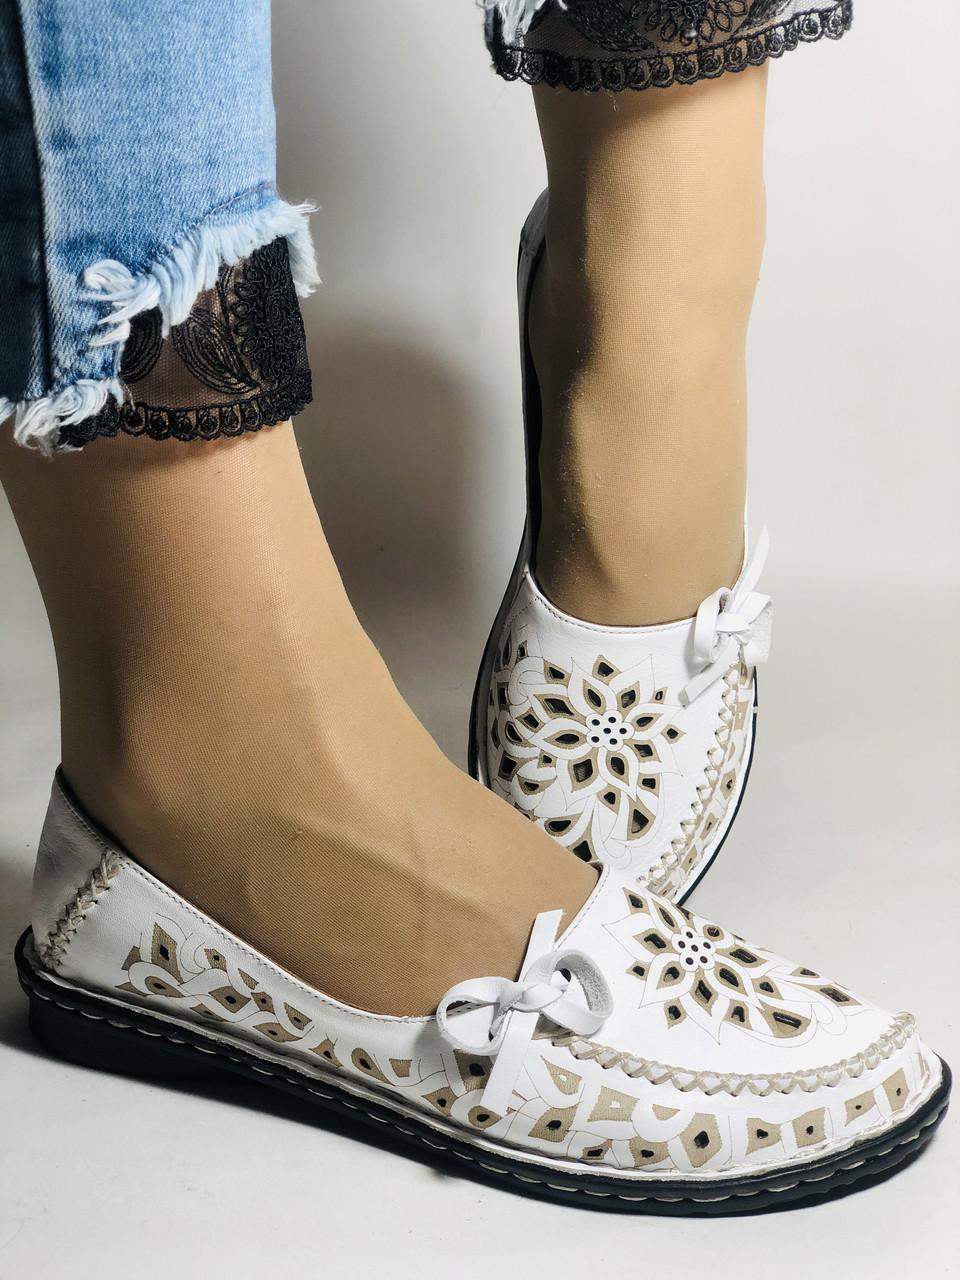 Зручні! Жіночі туфлі -балетки з натуральної шкіри.Туреччина.36. 37.38, 39, 40 Супер комфорт.Vellena